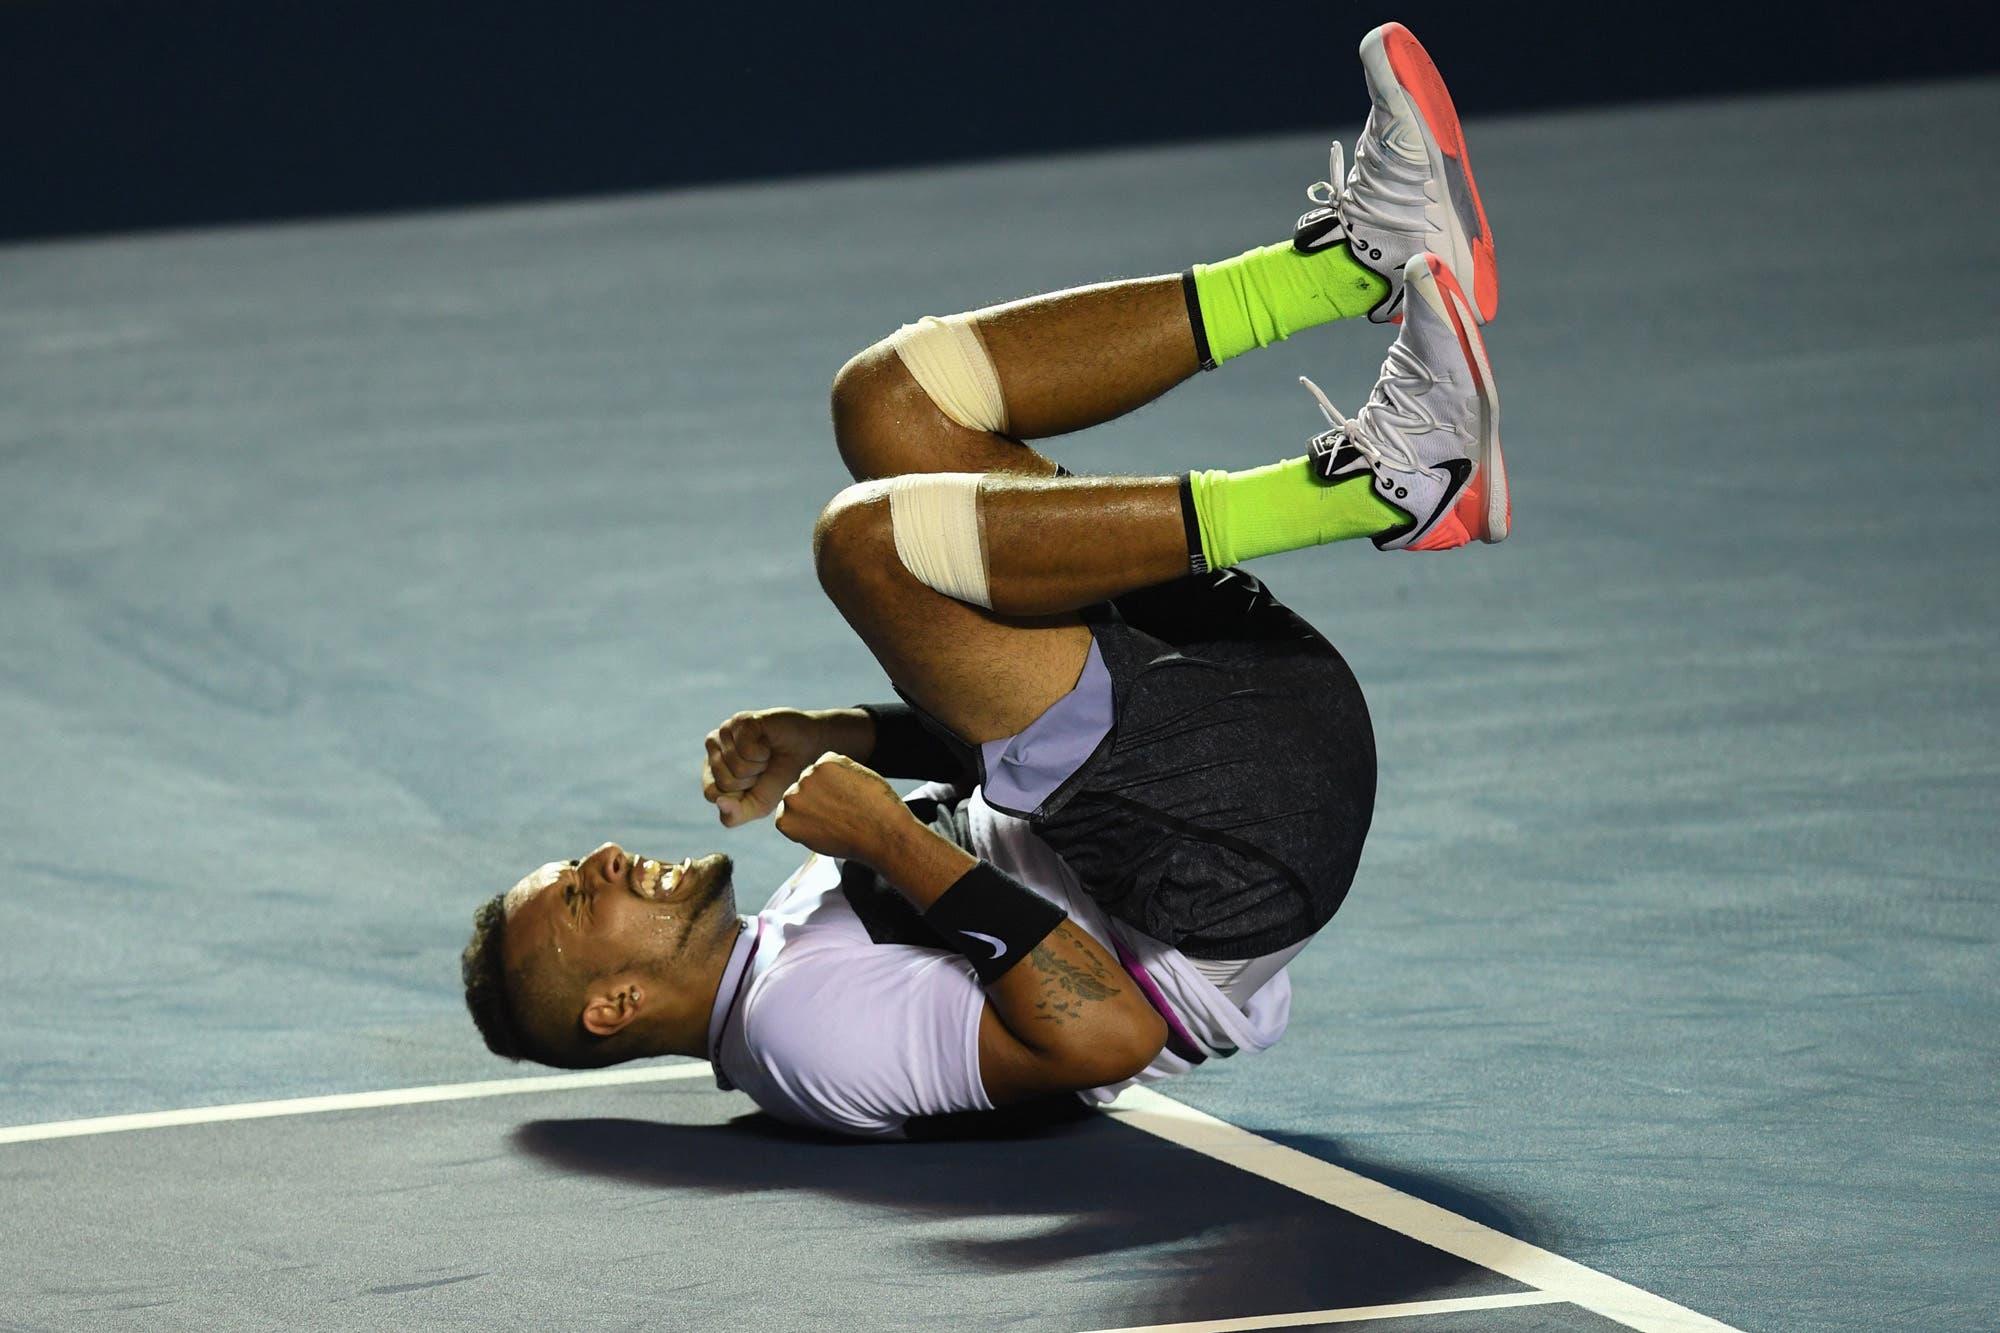 La crítica de Rafael Nadal a Nick Kyrgios por su show de provocaciones en el ATP 500 de Acapulco